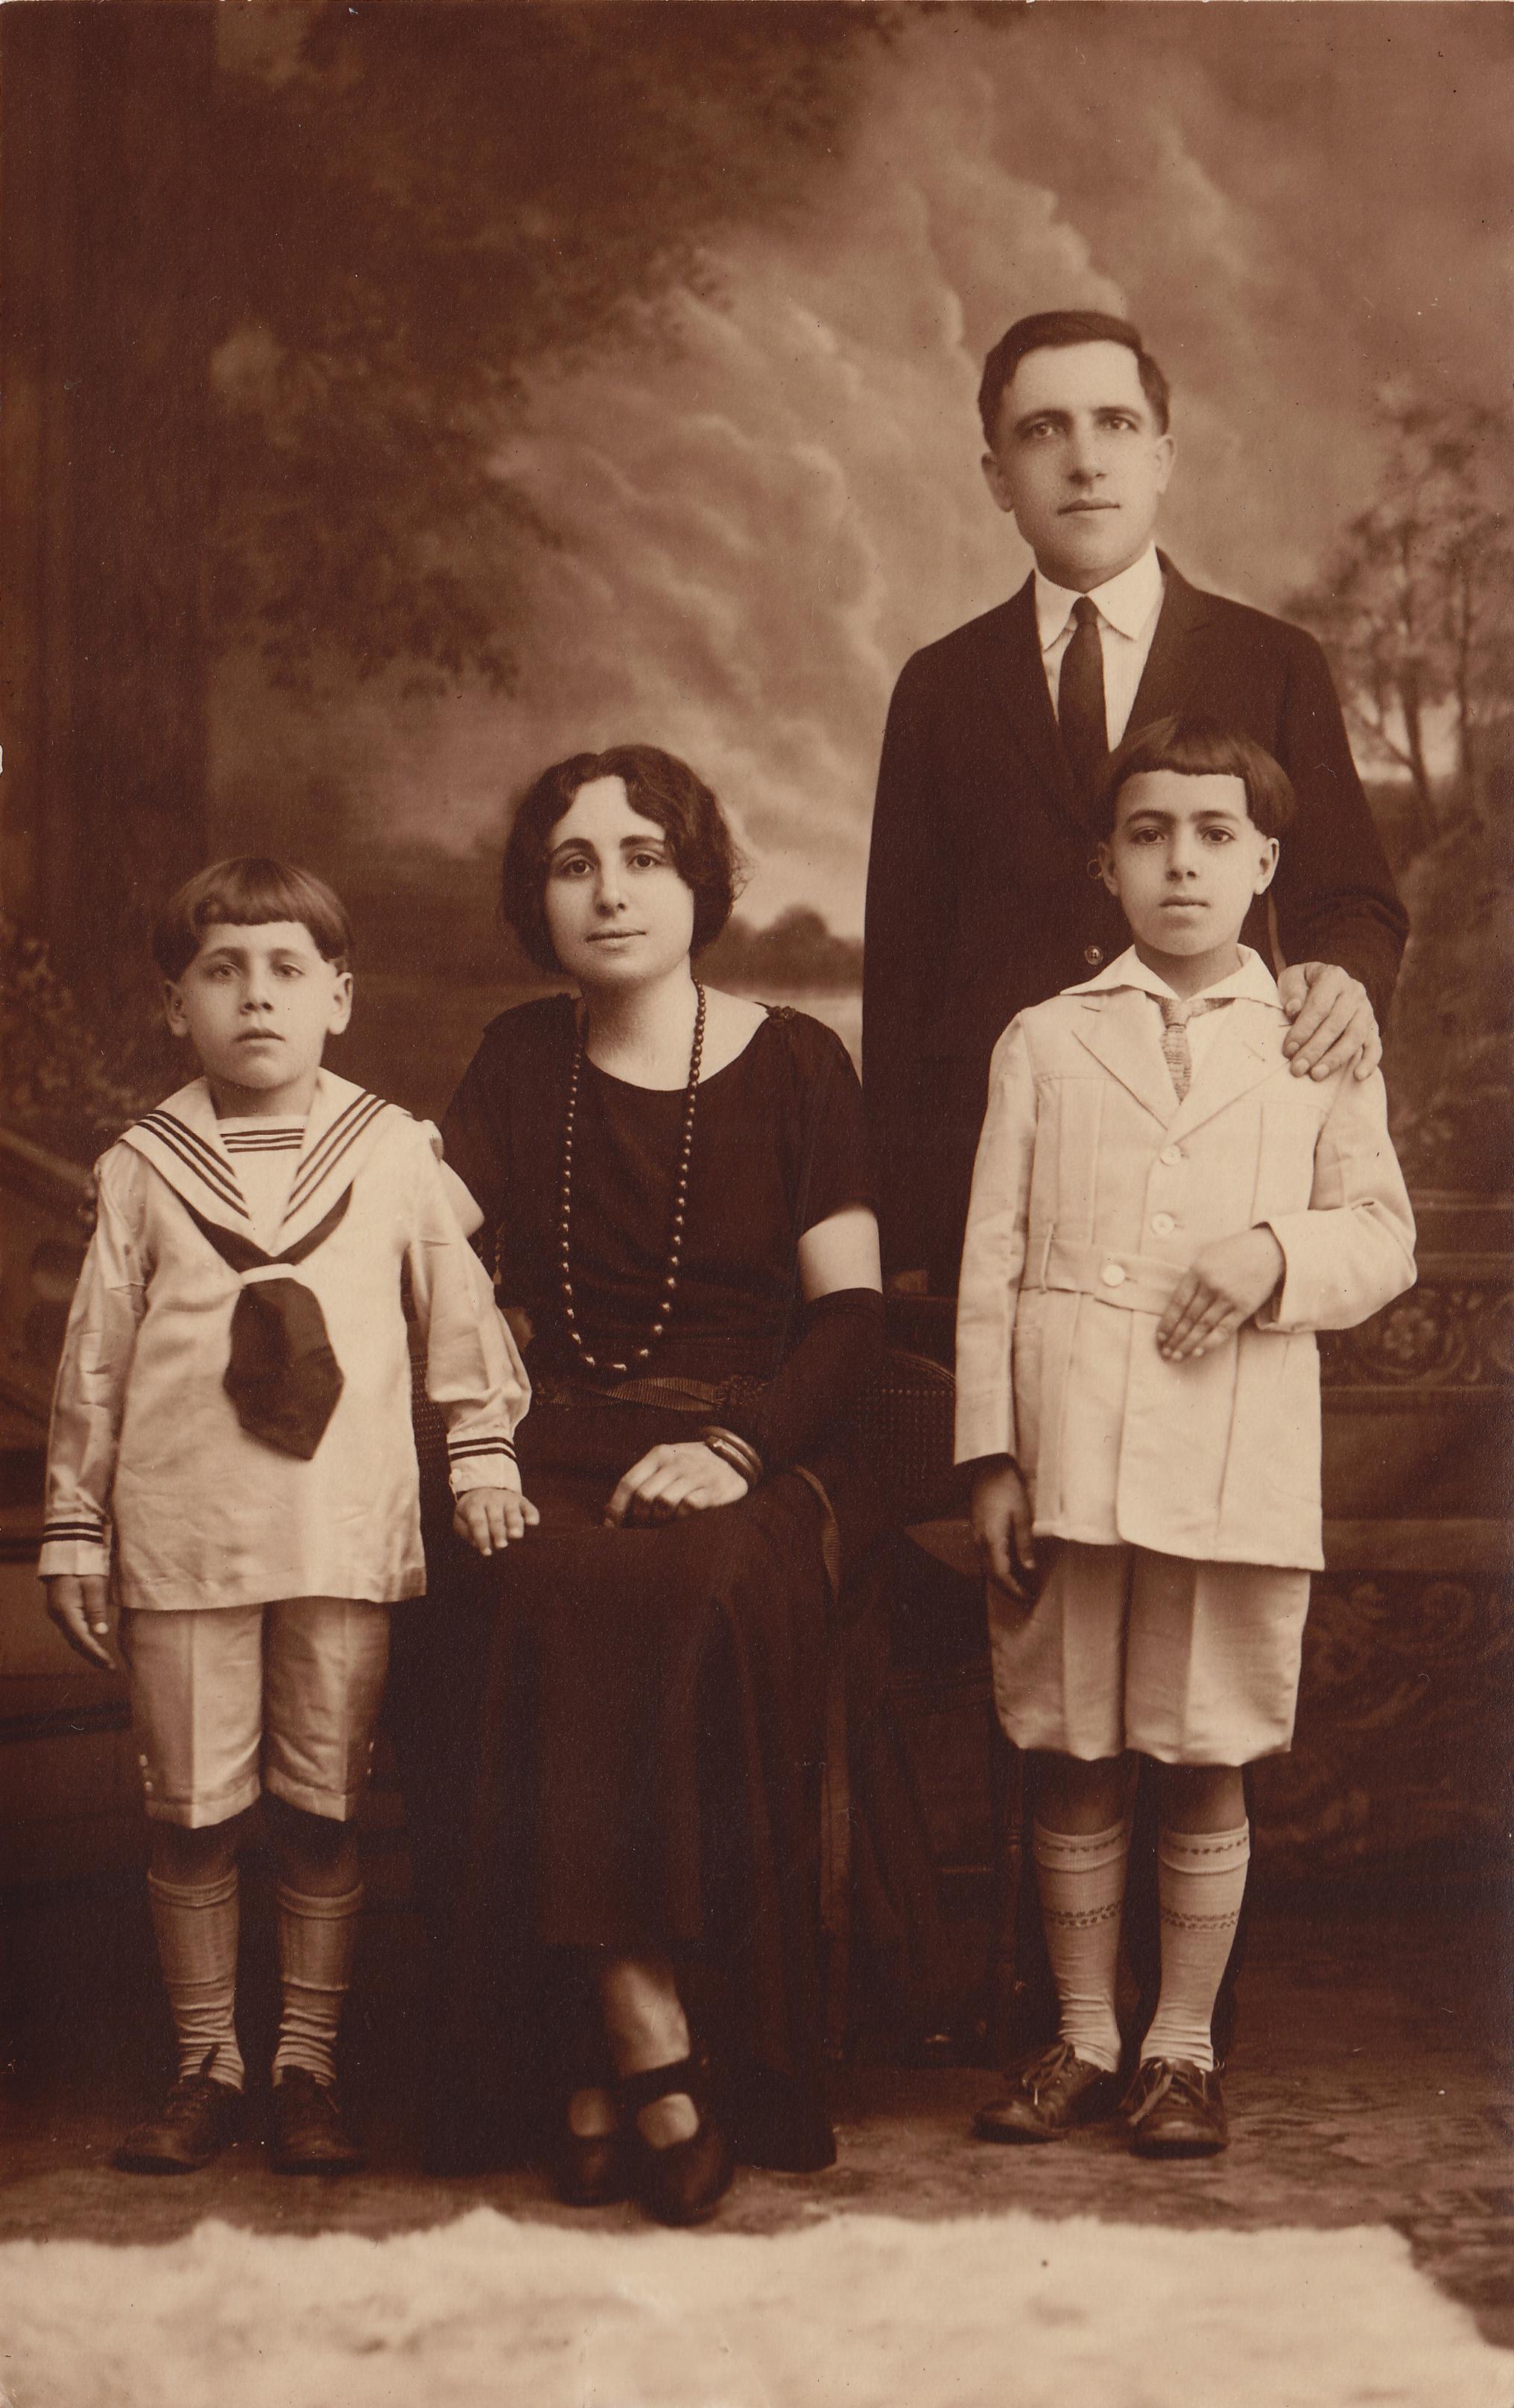 Vincenzo-Manfredi-Angelina-Marino-Manfredi-Guiseppe-Francesco-Manfredi-Giovanni-Francesco-Manfredi-NYC-1922